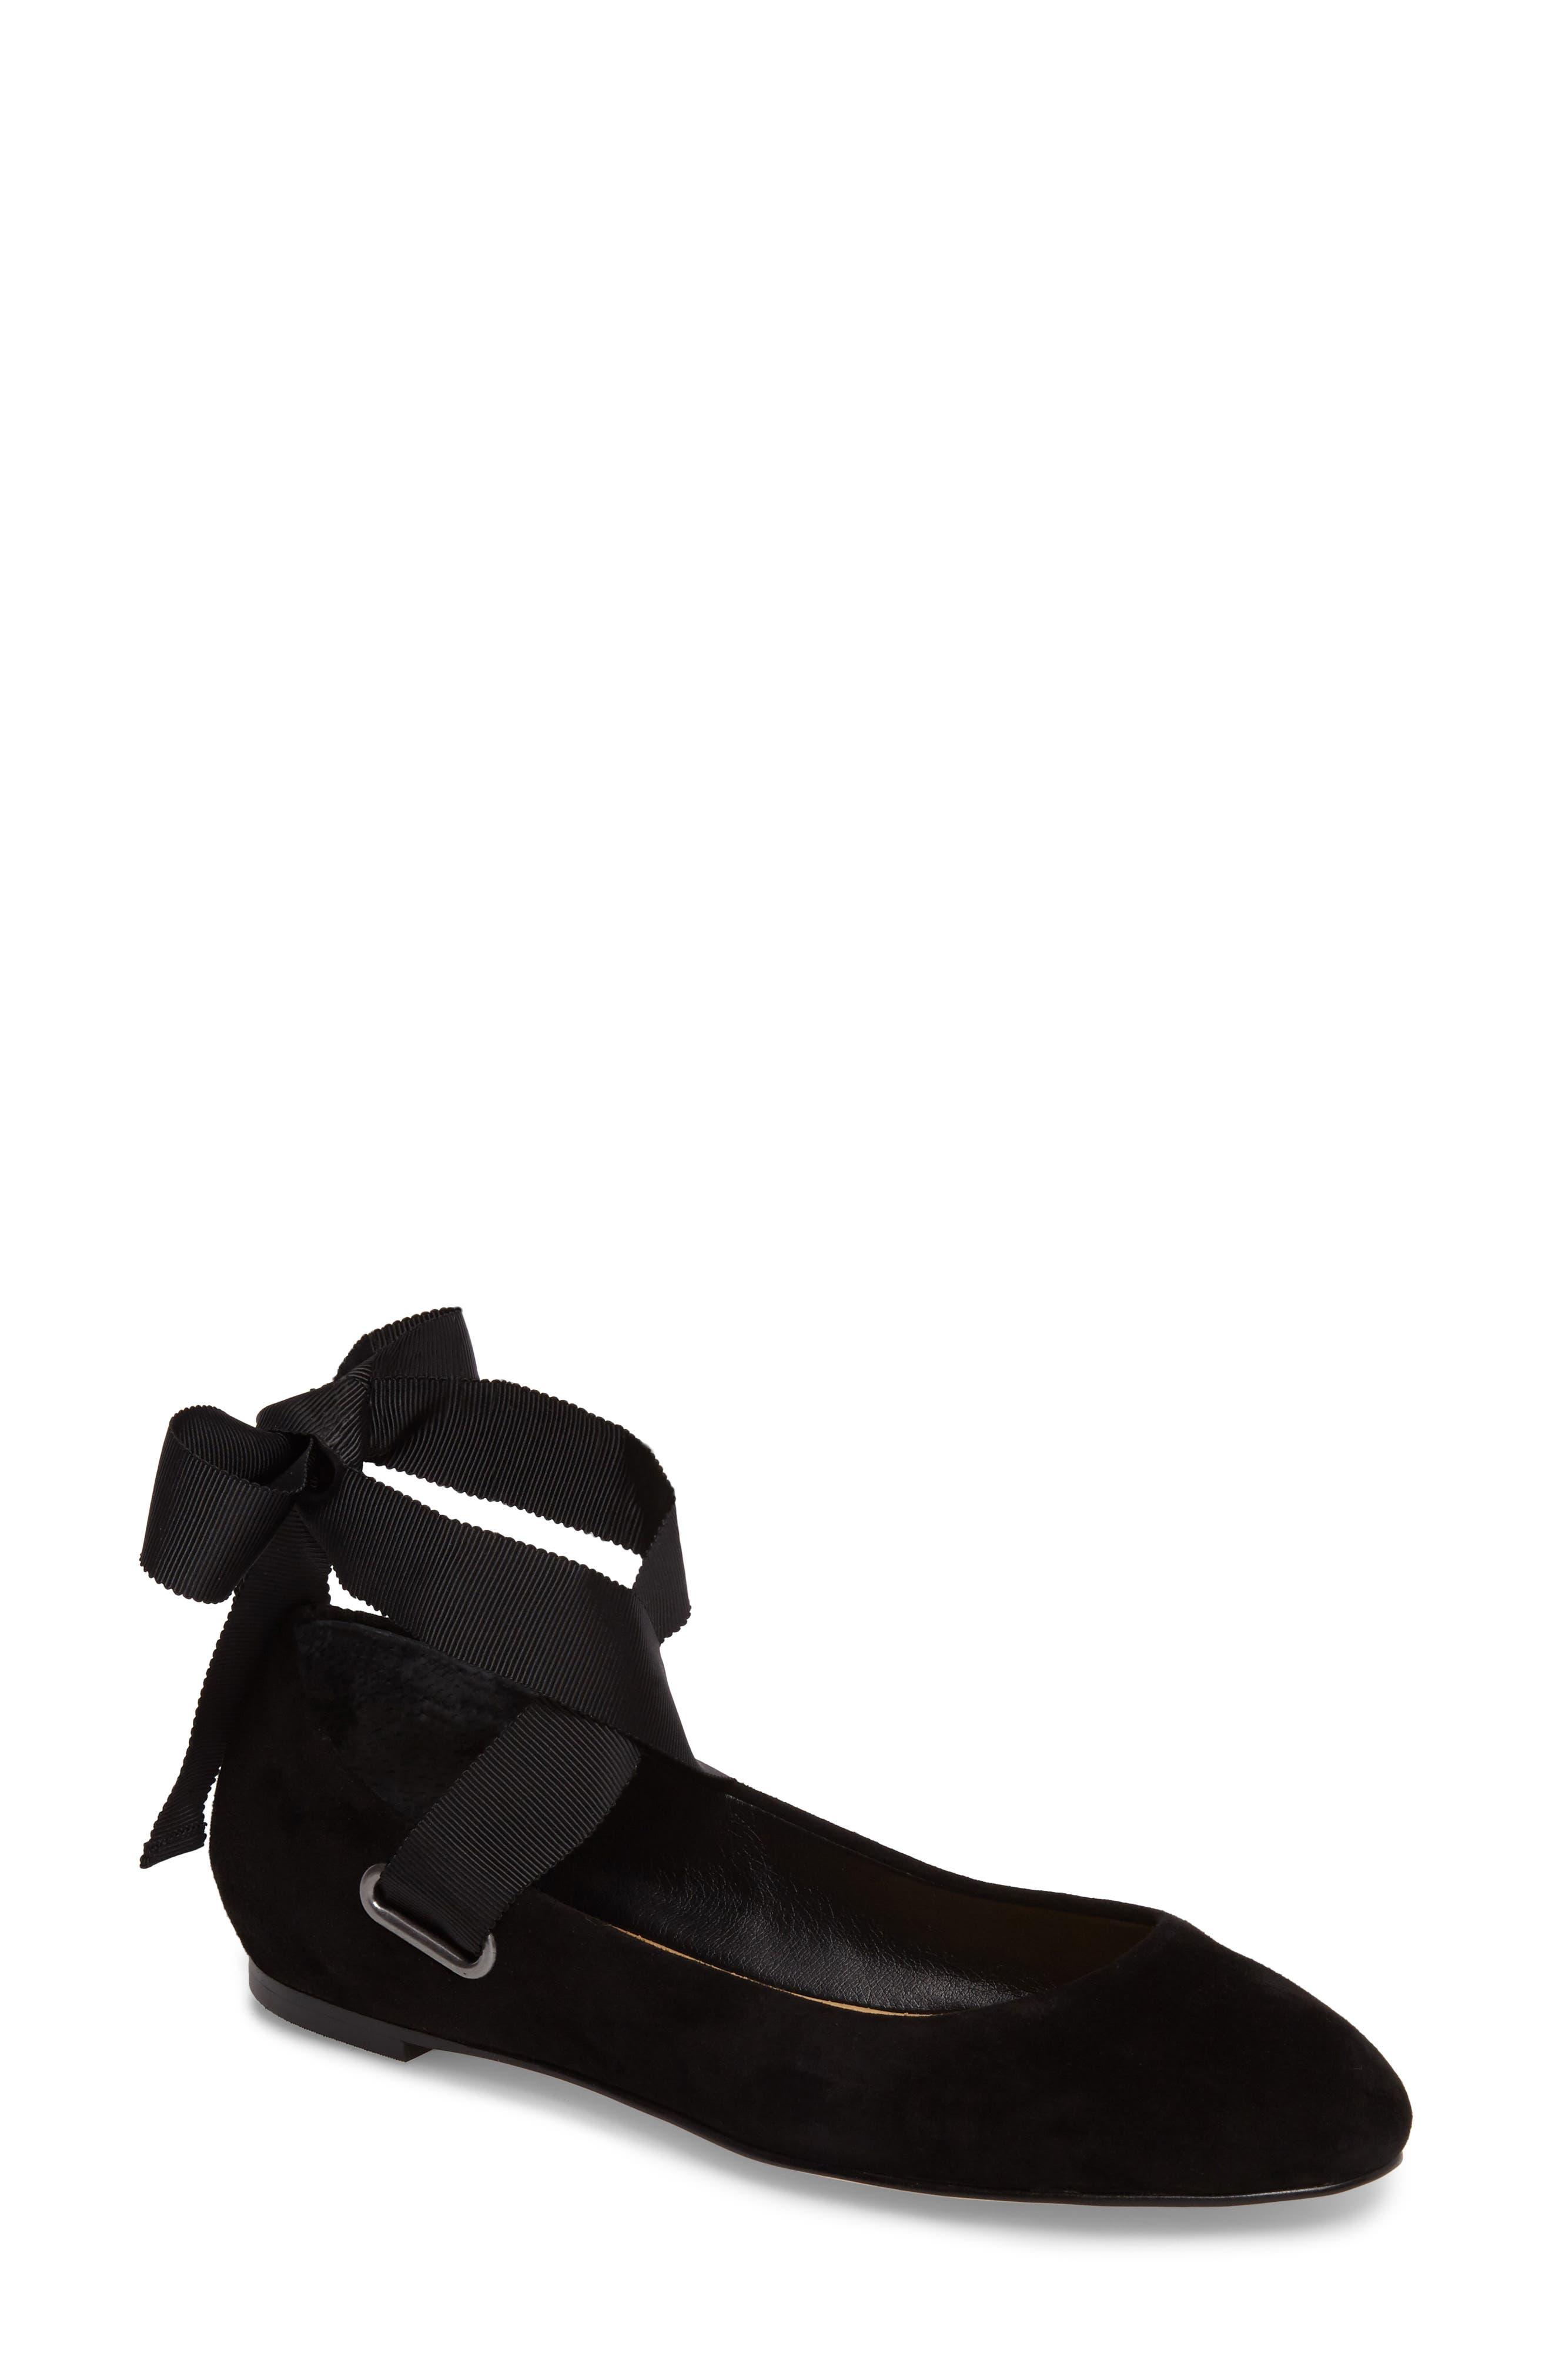 Alternate Image 1 Selected - Splendid Renee Ankle Tie Flat (Women)